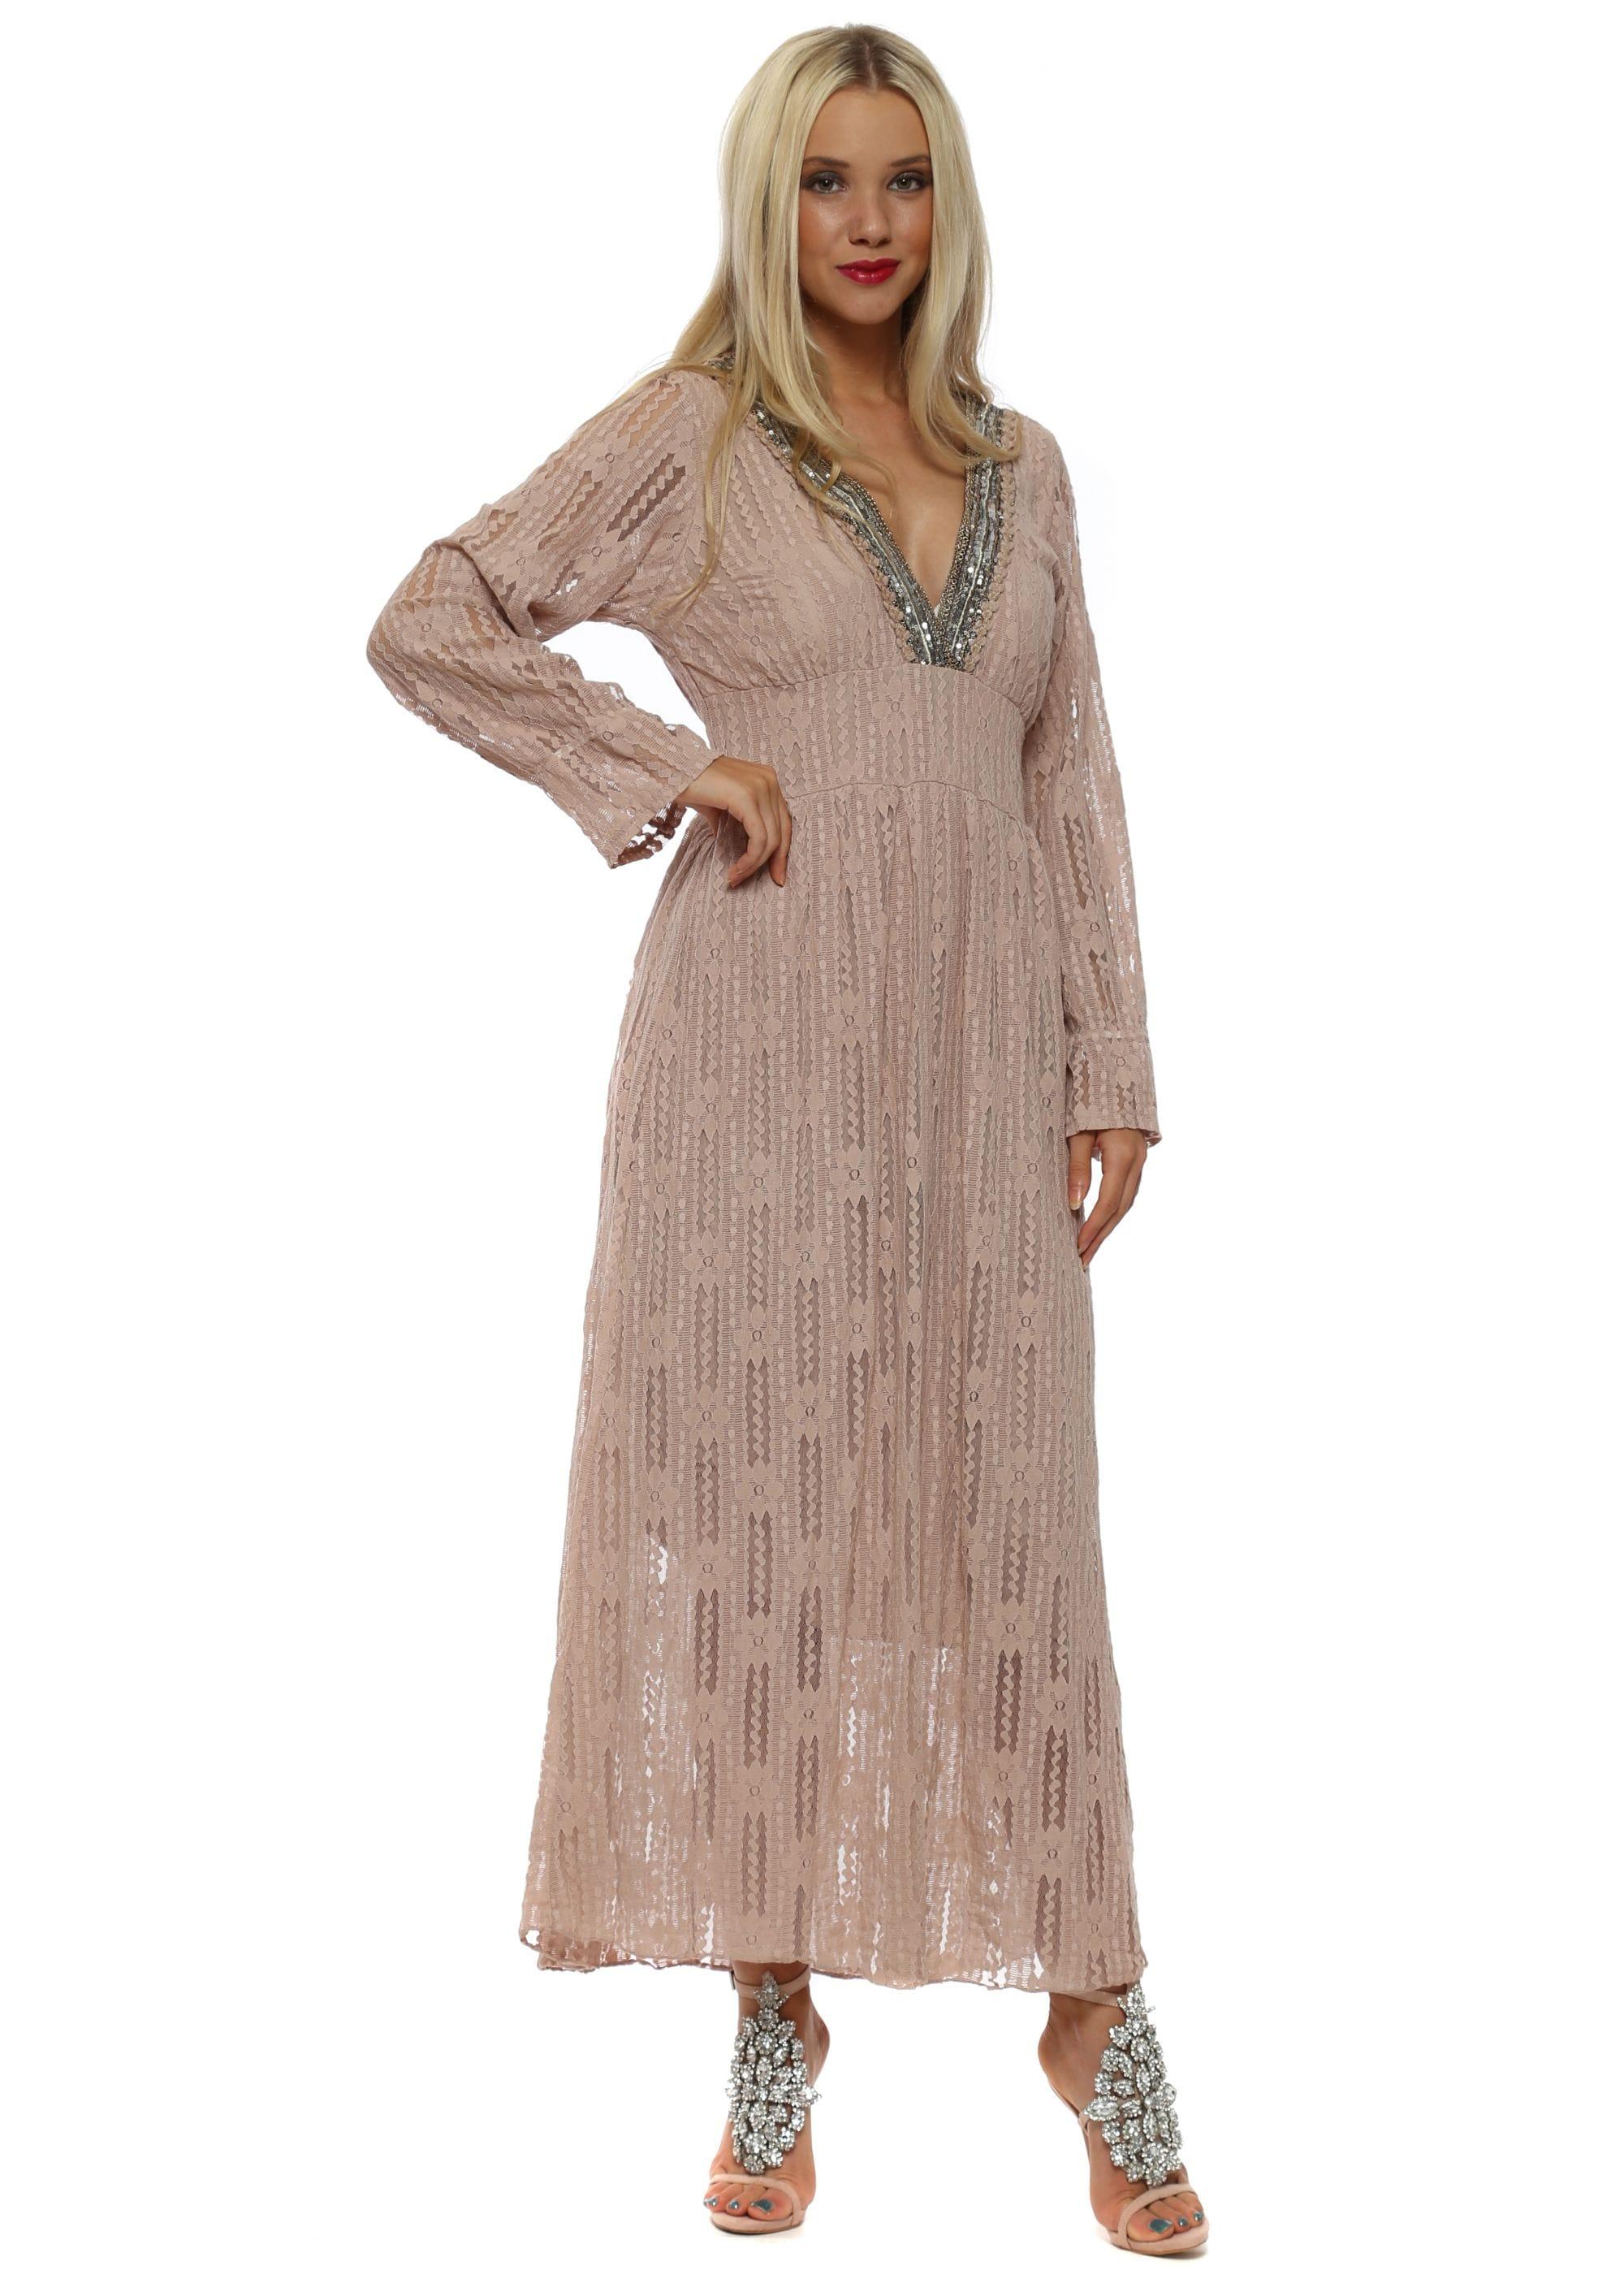 7a8a2f71e12 Pinka Dusky Pink Lace Maxi Dress